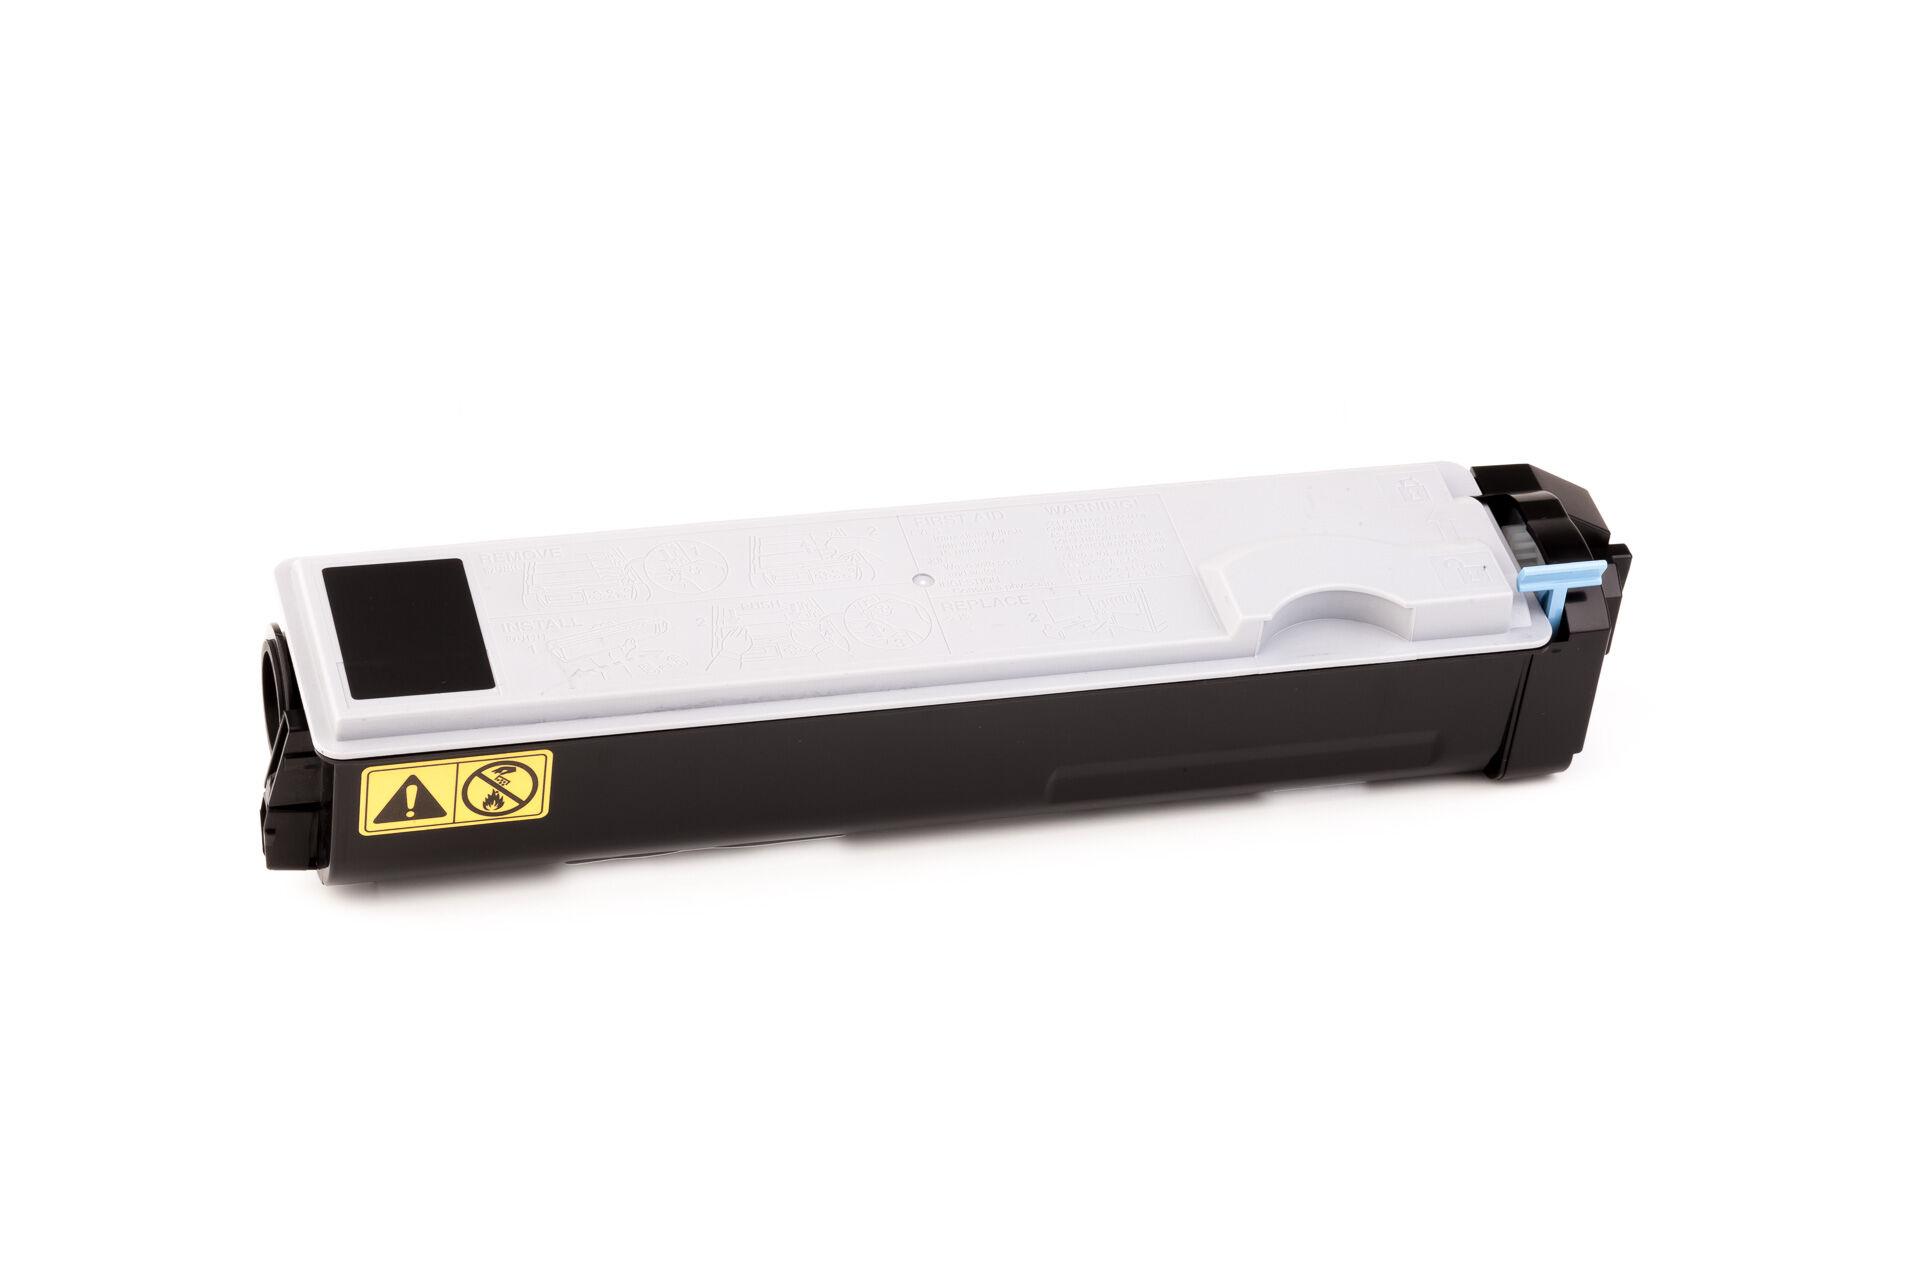 Kyocera Cartouche de Toner pour Kyocera 1T02HJ0EU0 / TK-520 K noir compatible (de marque ASC)